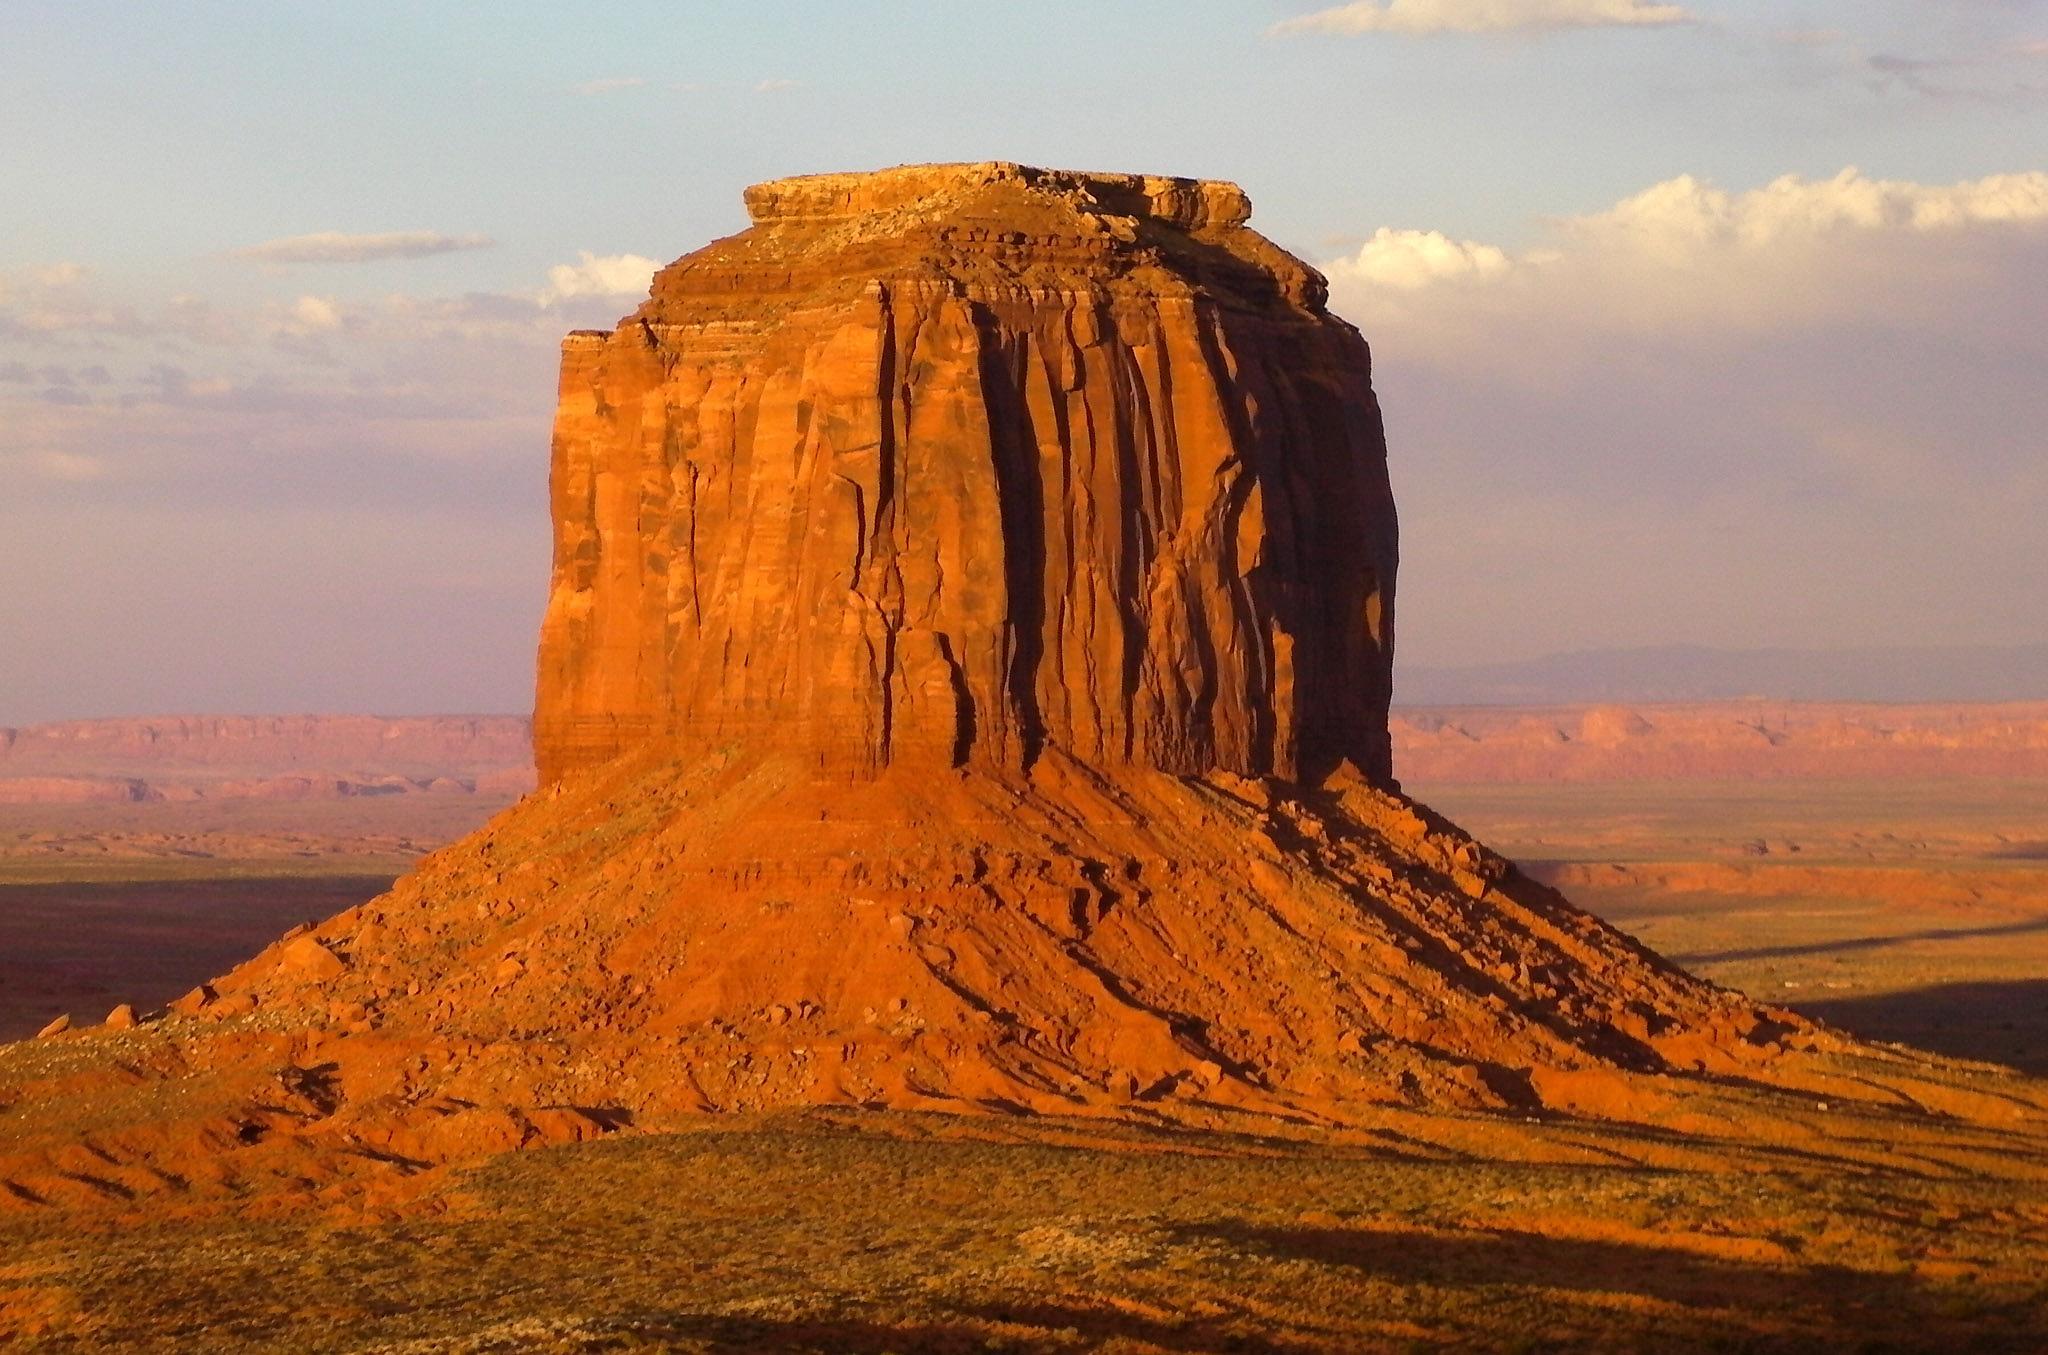 Merricks Butte at Sundown by Rita Simmonds